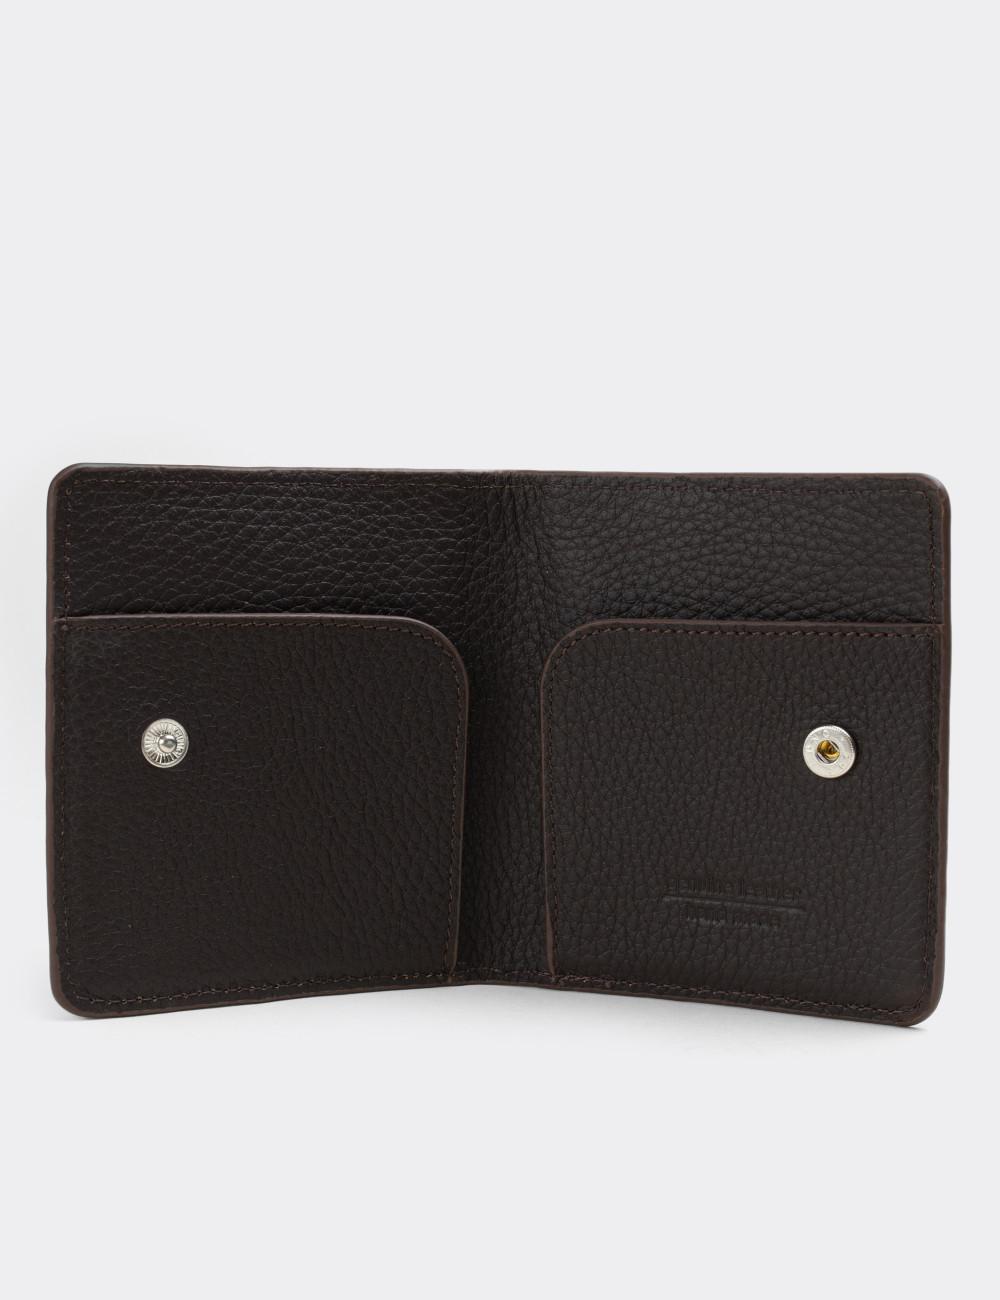 Hakiki Deri Kahverengi Yatay Erkek Cüzdanı - 00512MKHVZ01